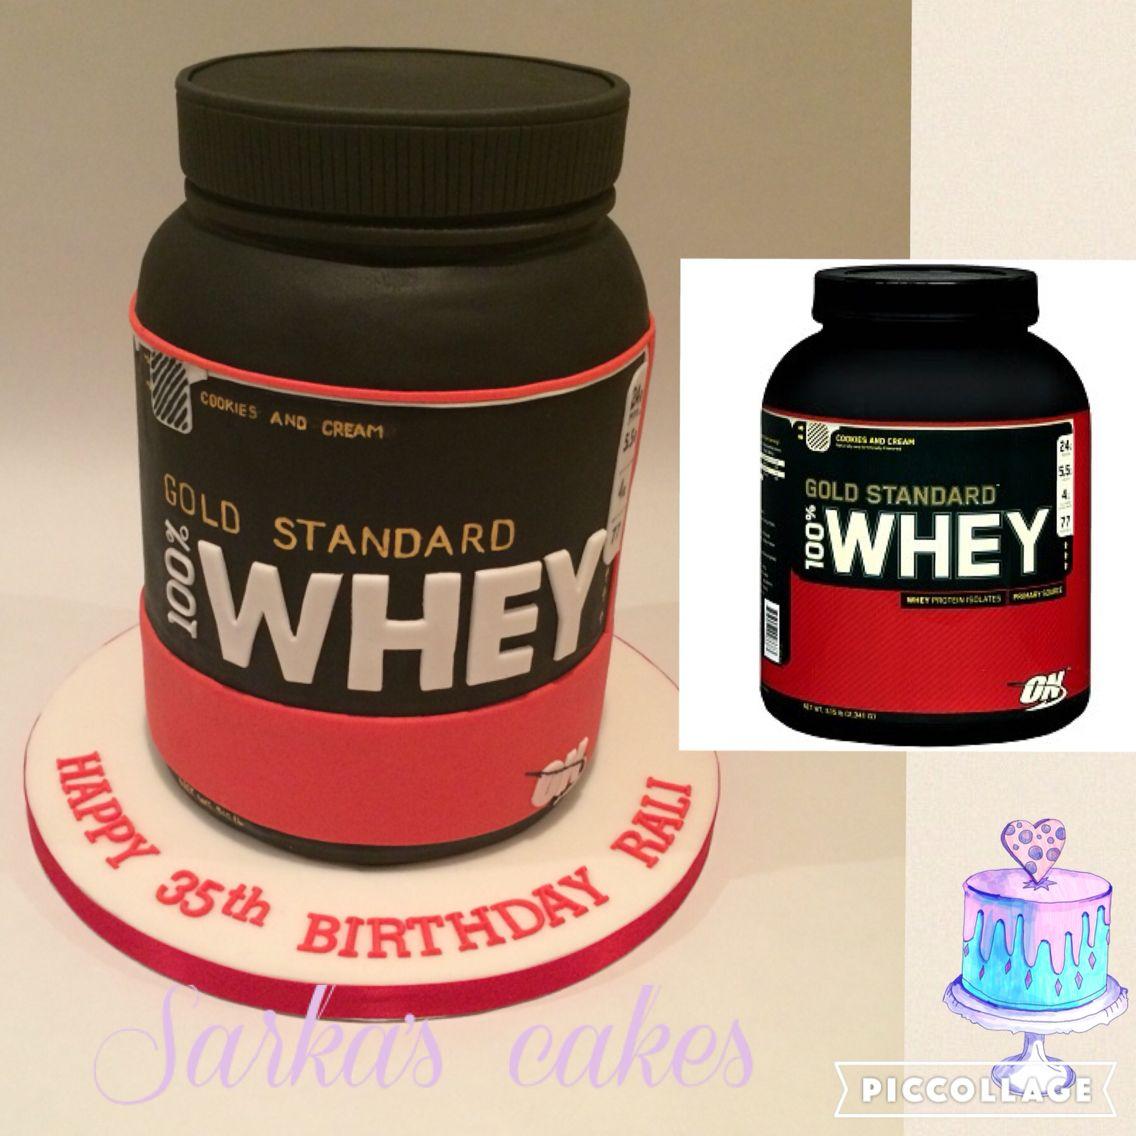 Whey Protein Shake Bottle Cake From Sarkascakes Wheyprotein